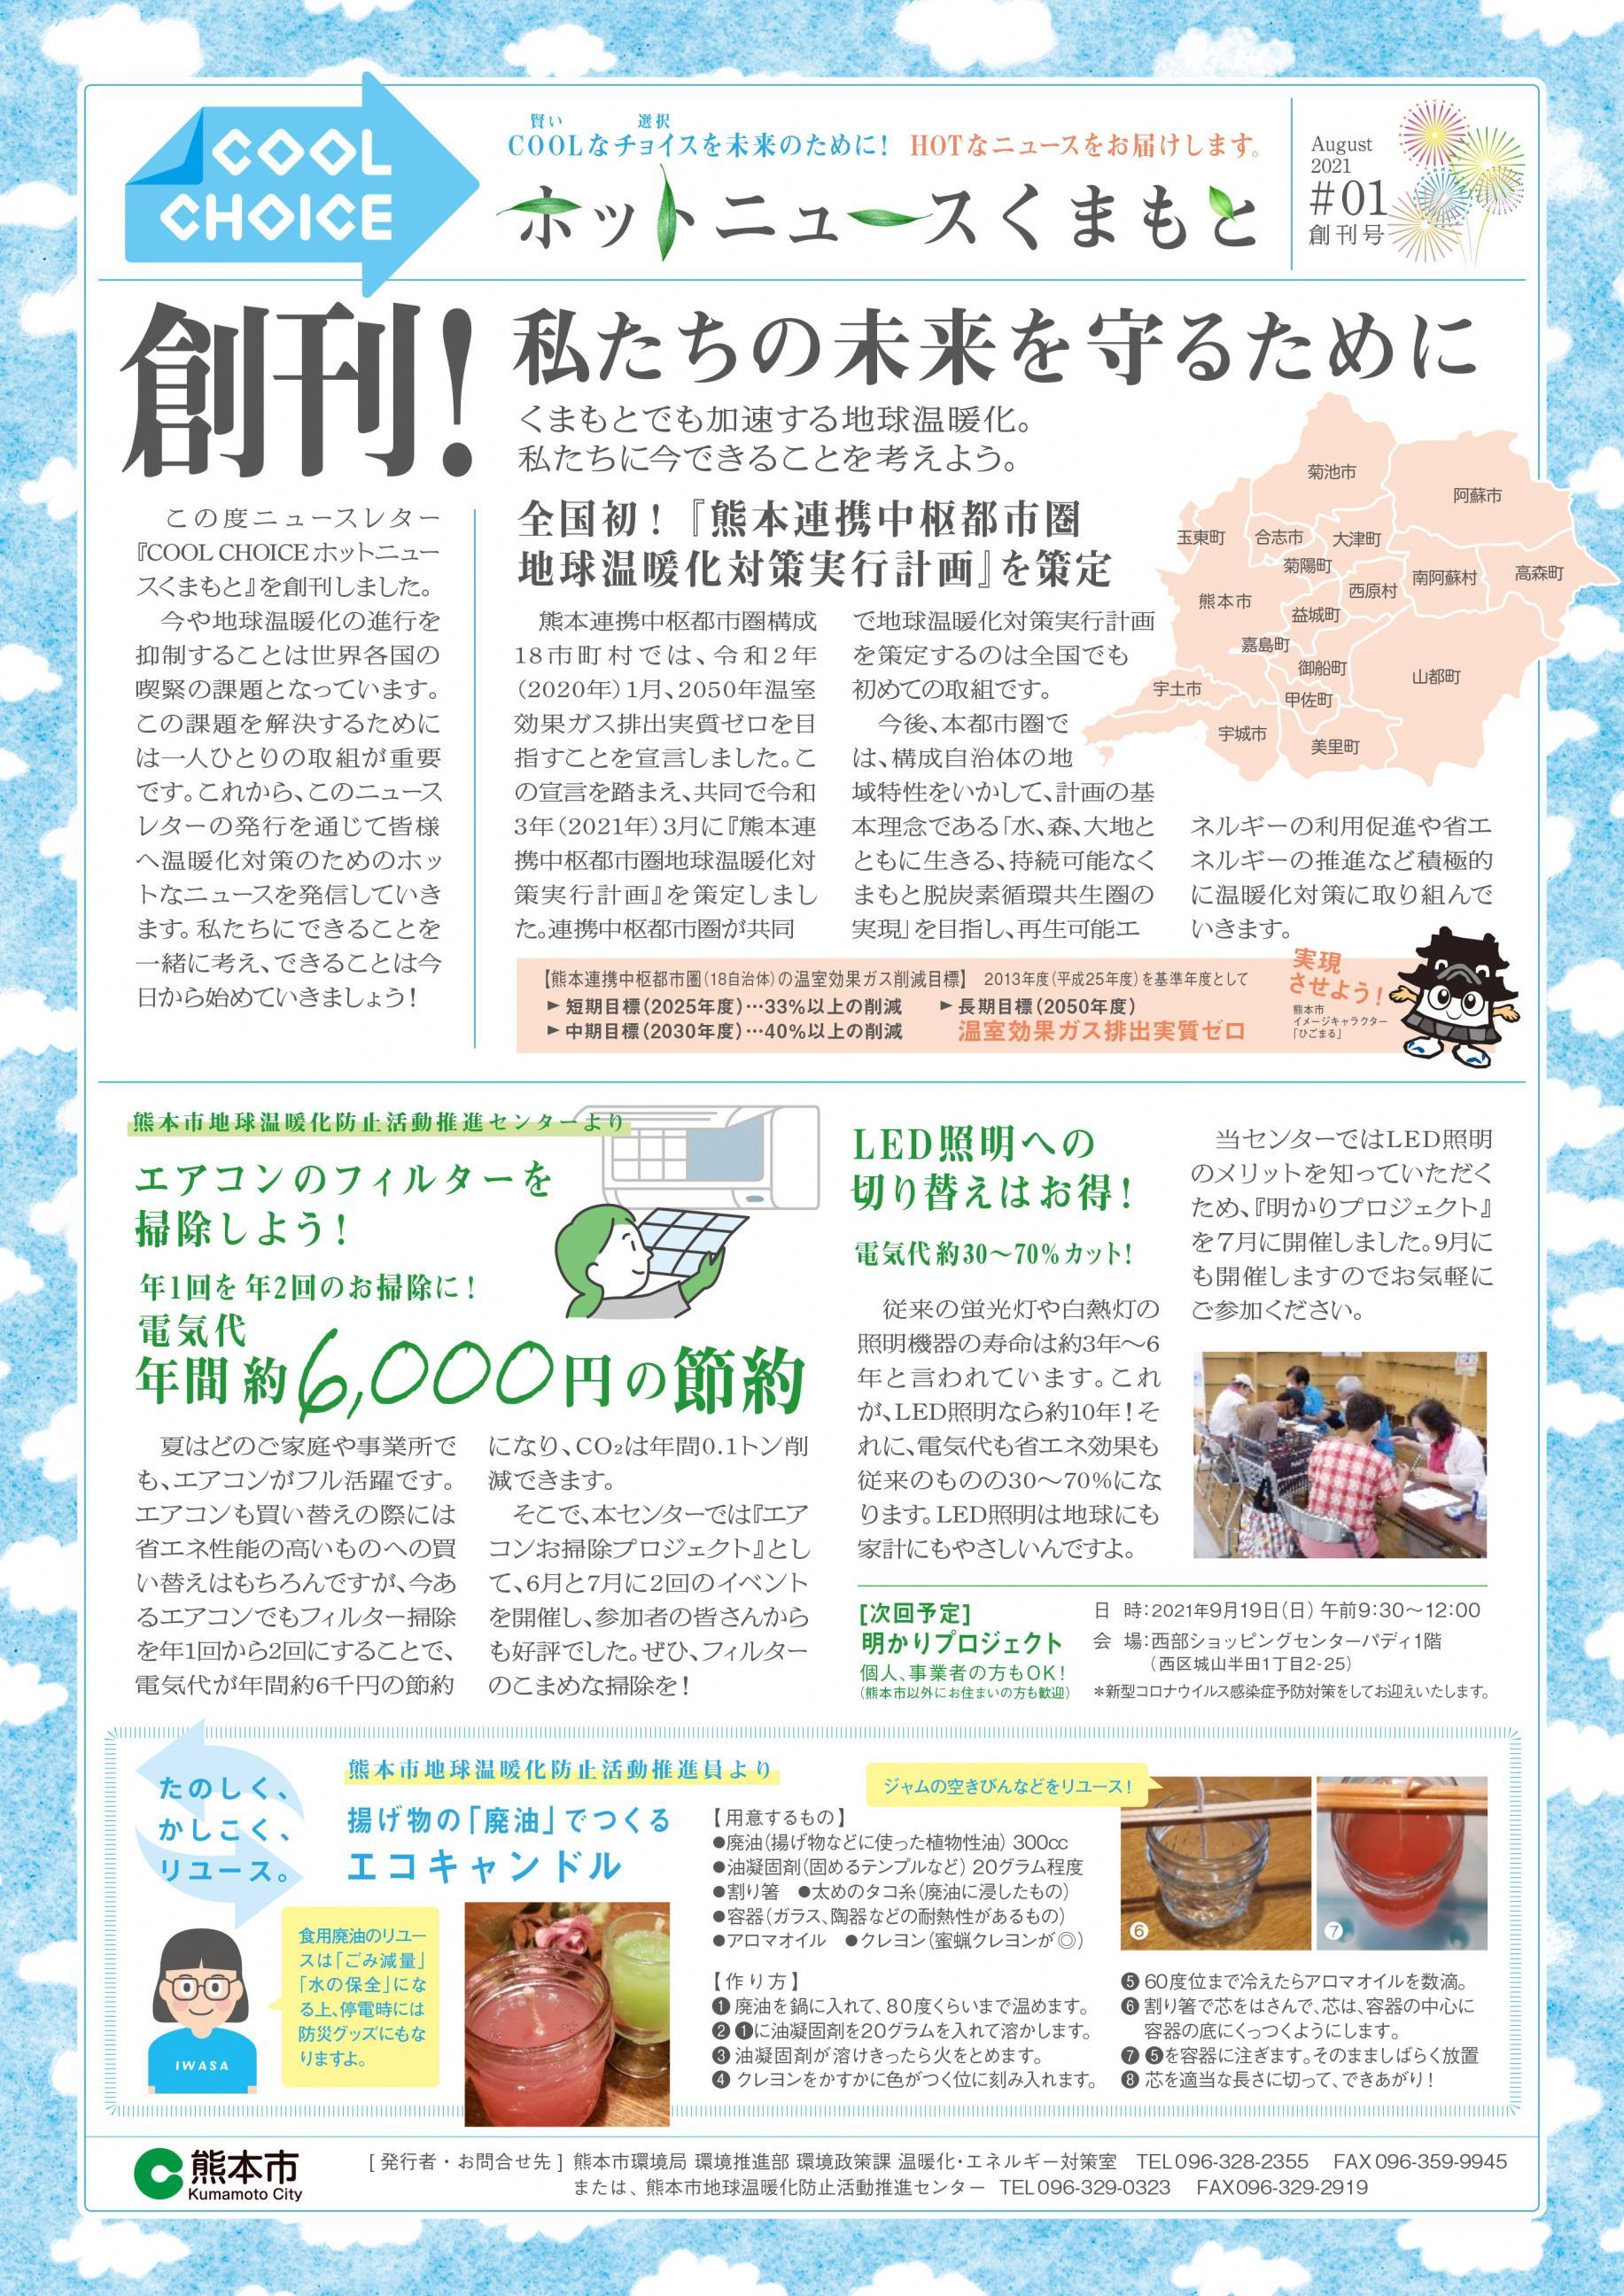 ニュースレター『COOL CHOICE ホットニュースくまもと』#01創刊号